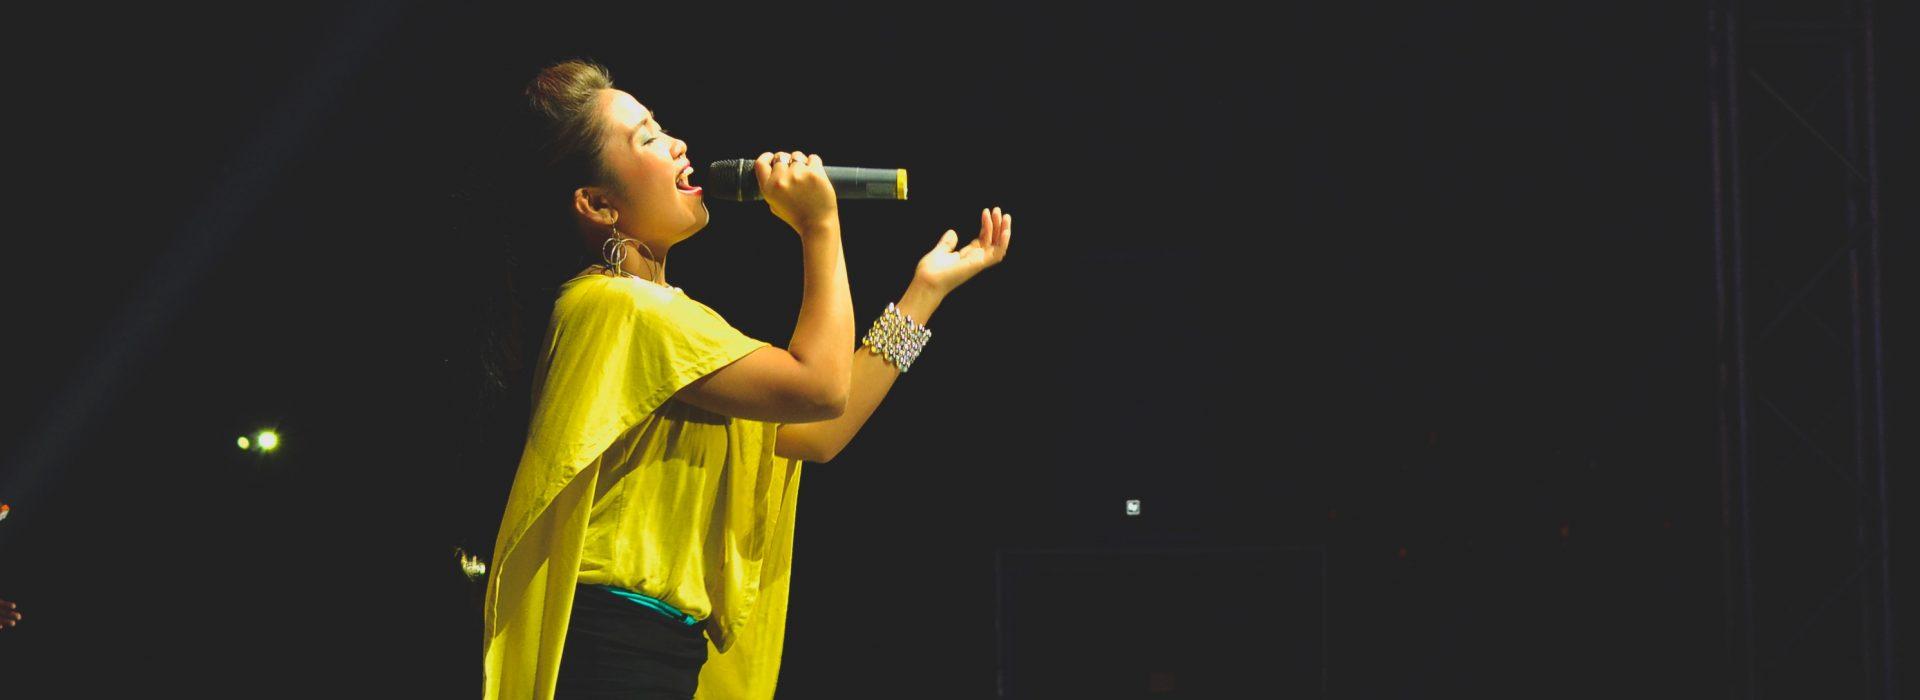 singing sense